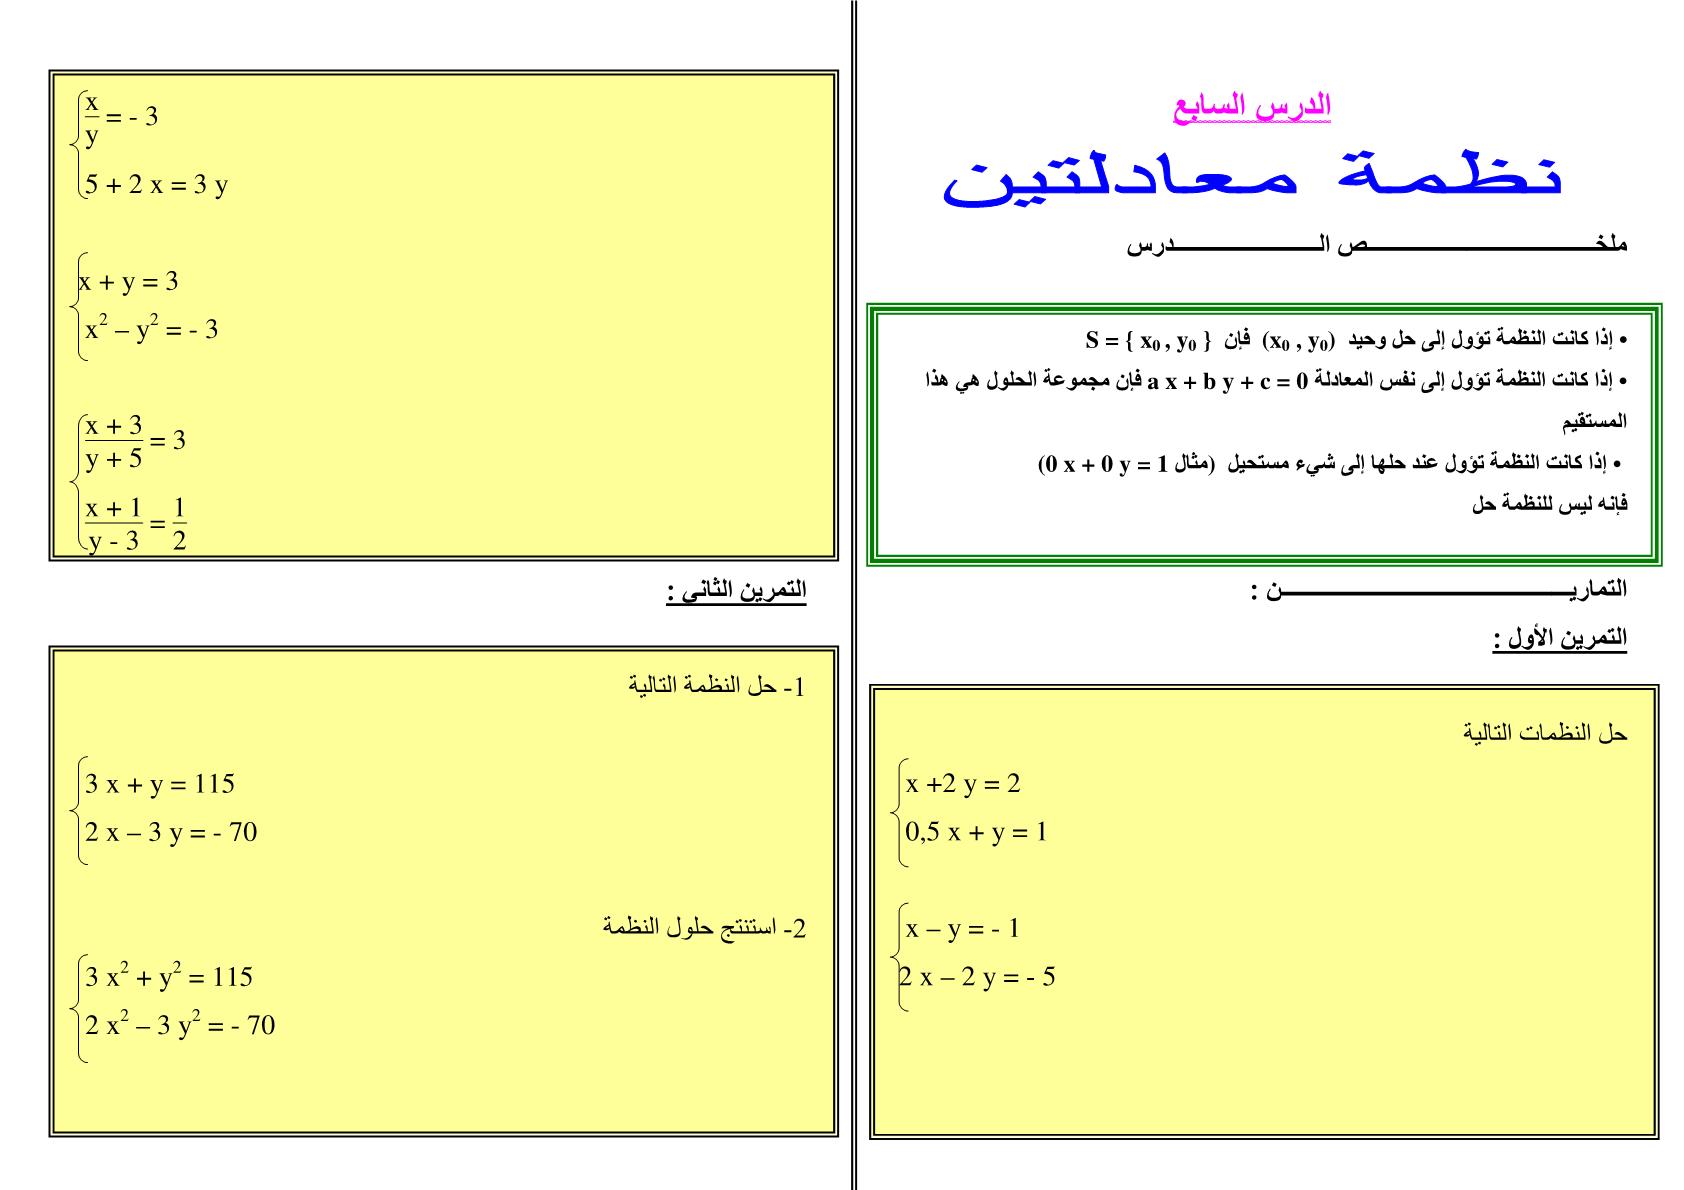 تمارين في درس نظمة معادلتين من الدرجة الأولى بمجهولين للمستوى الثالثة إعدادي